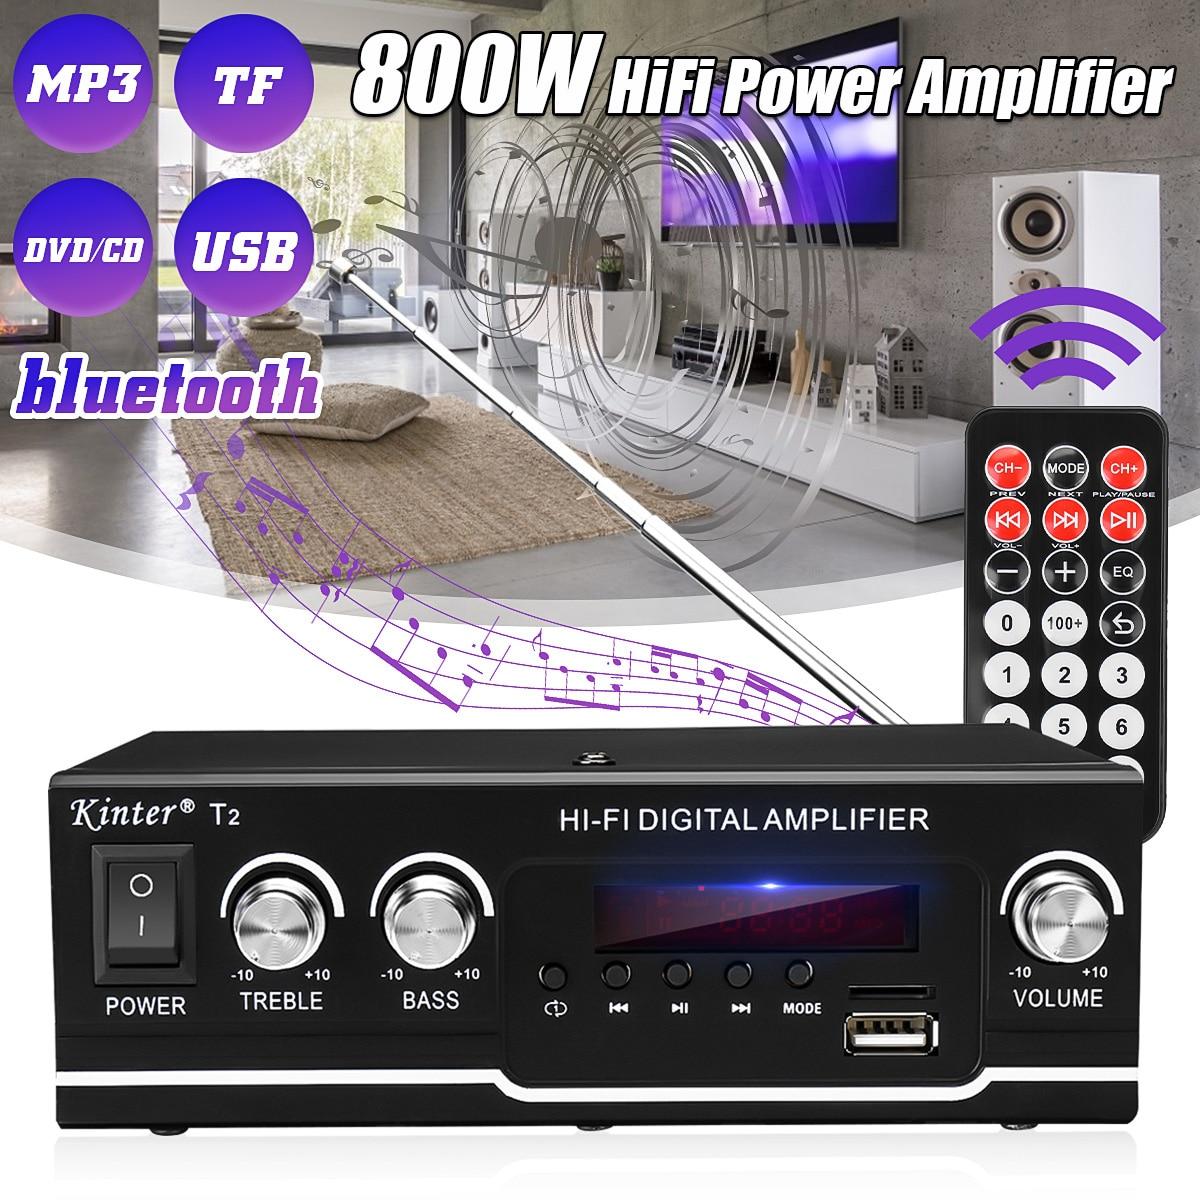 Amplificador DE 800W de potencia HIFI con Bluetooth para cine en casa...